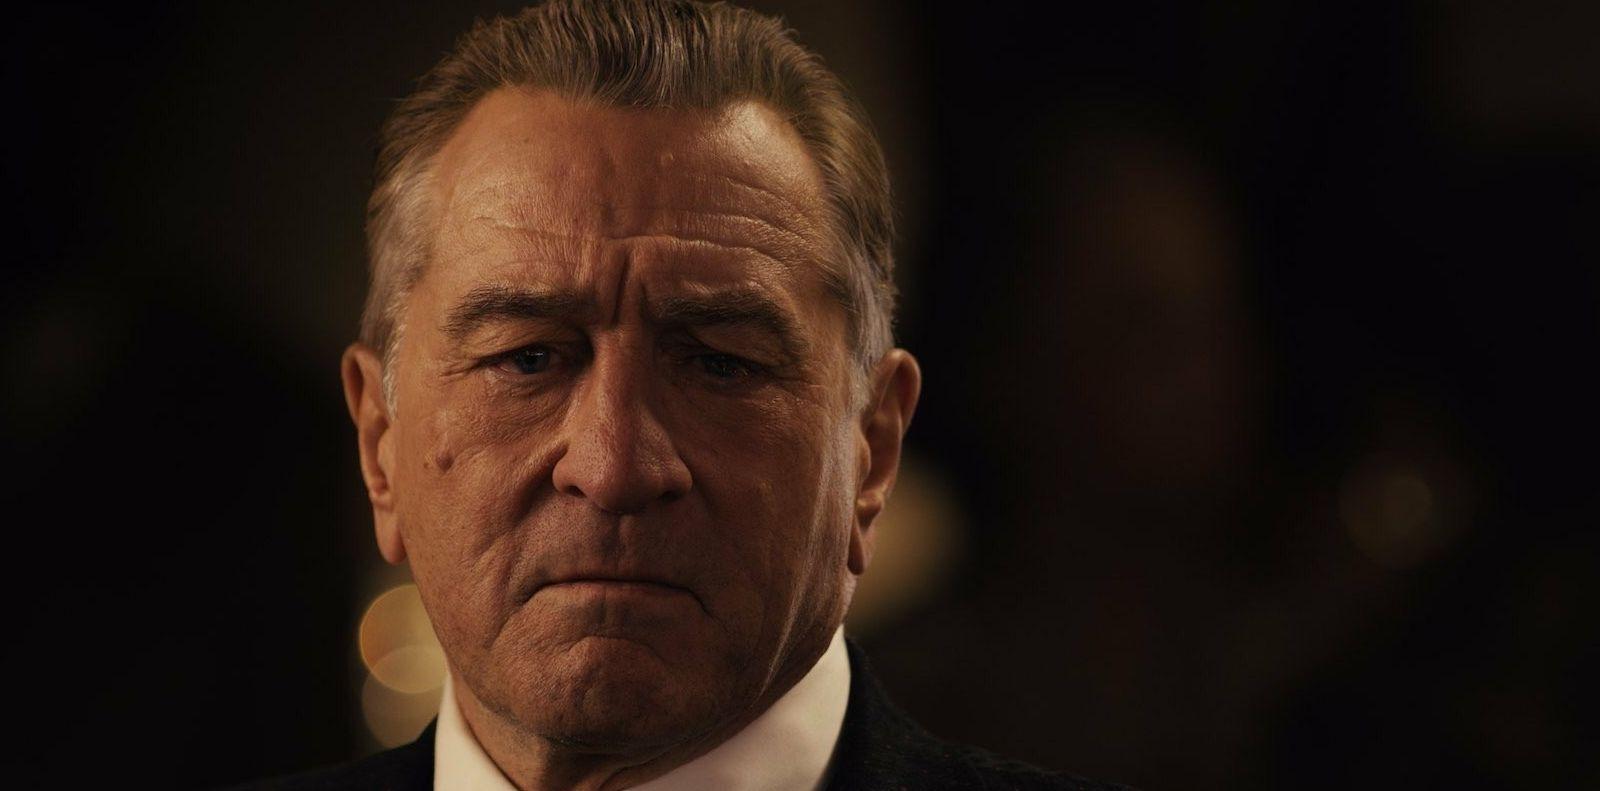 Après Marvel, Martin Scorsese attaque Netflix, le streaming et les algorithmes - ÉcranLarge.com